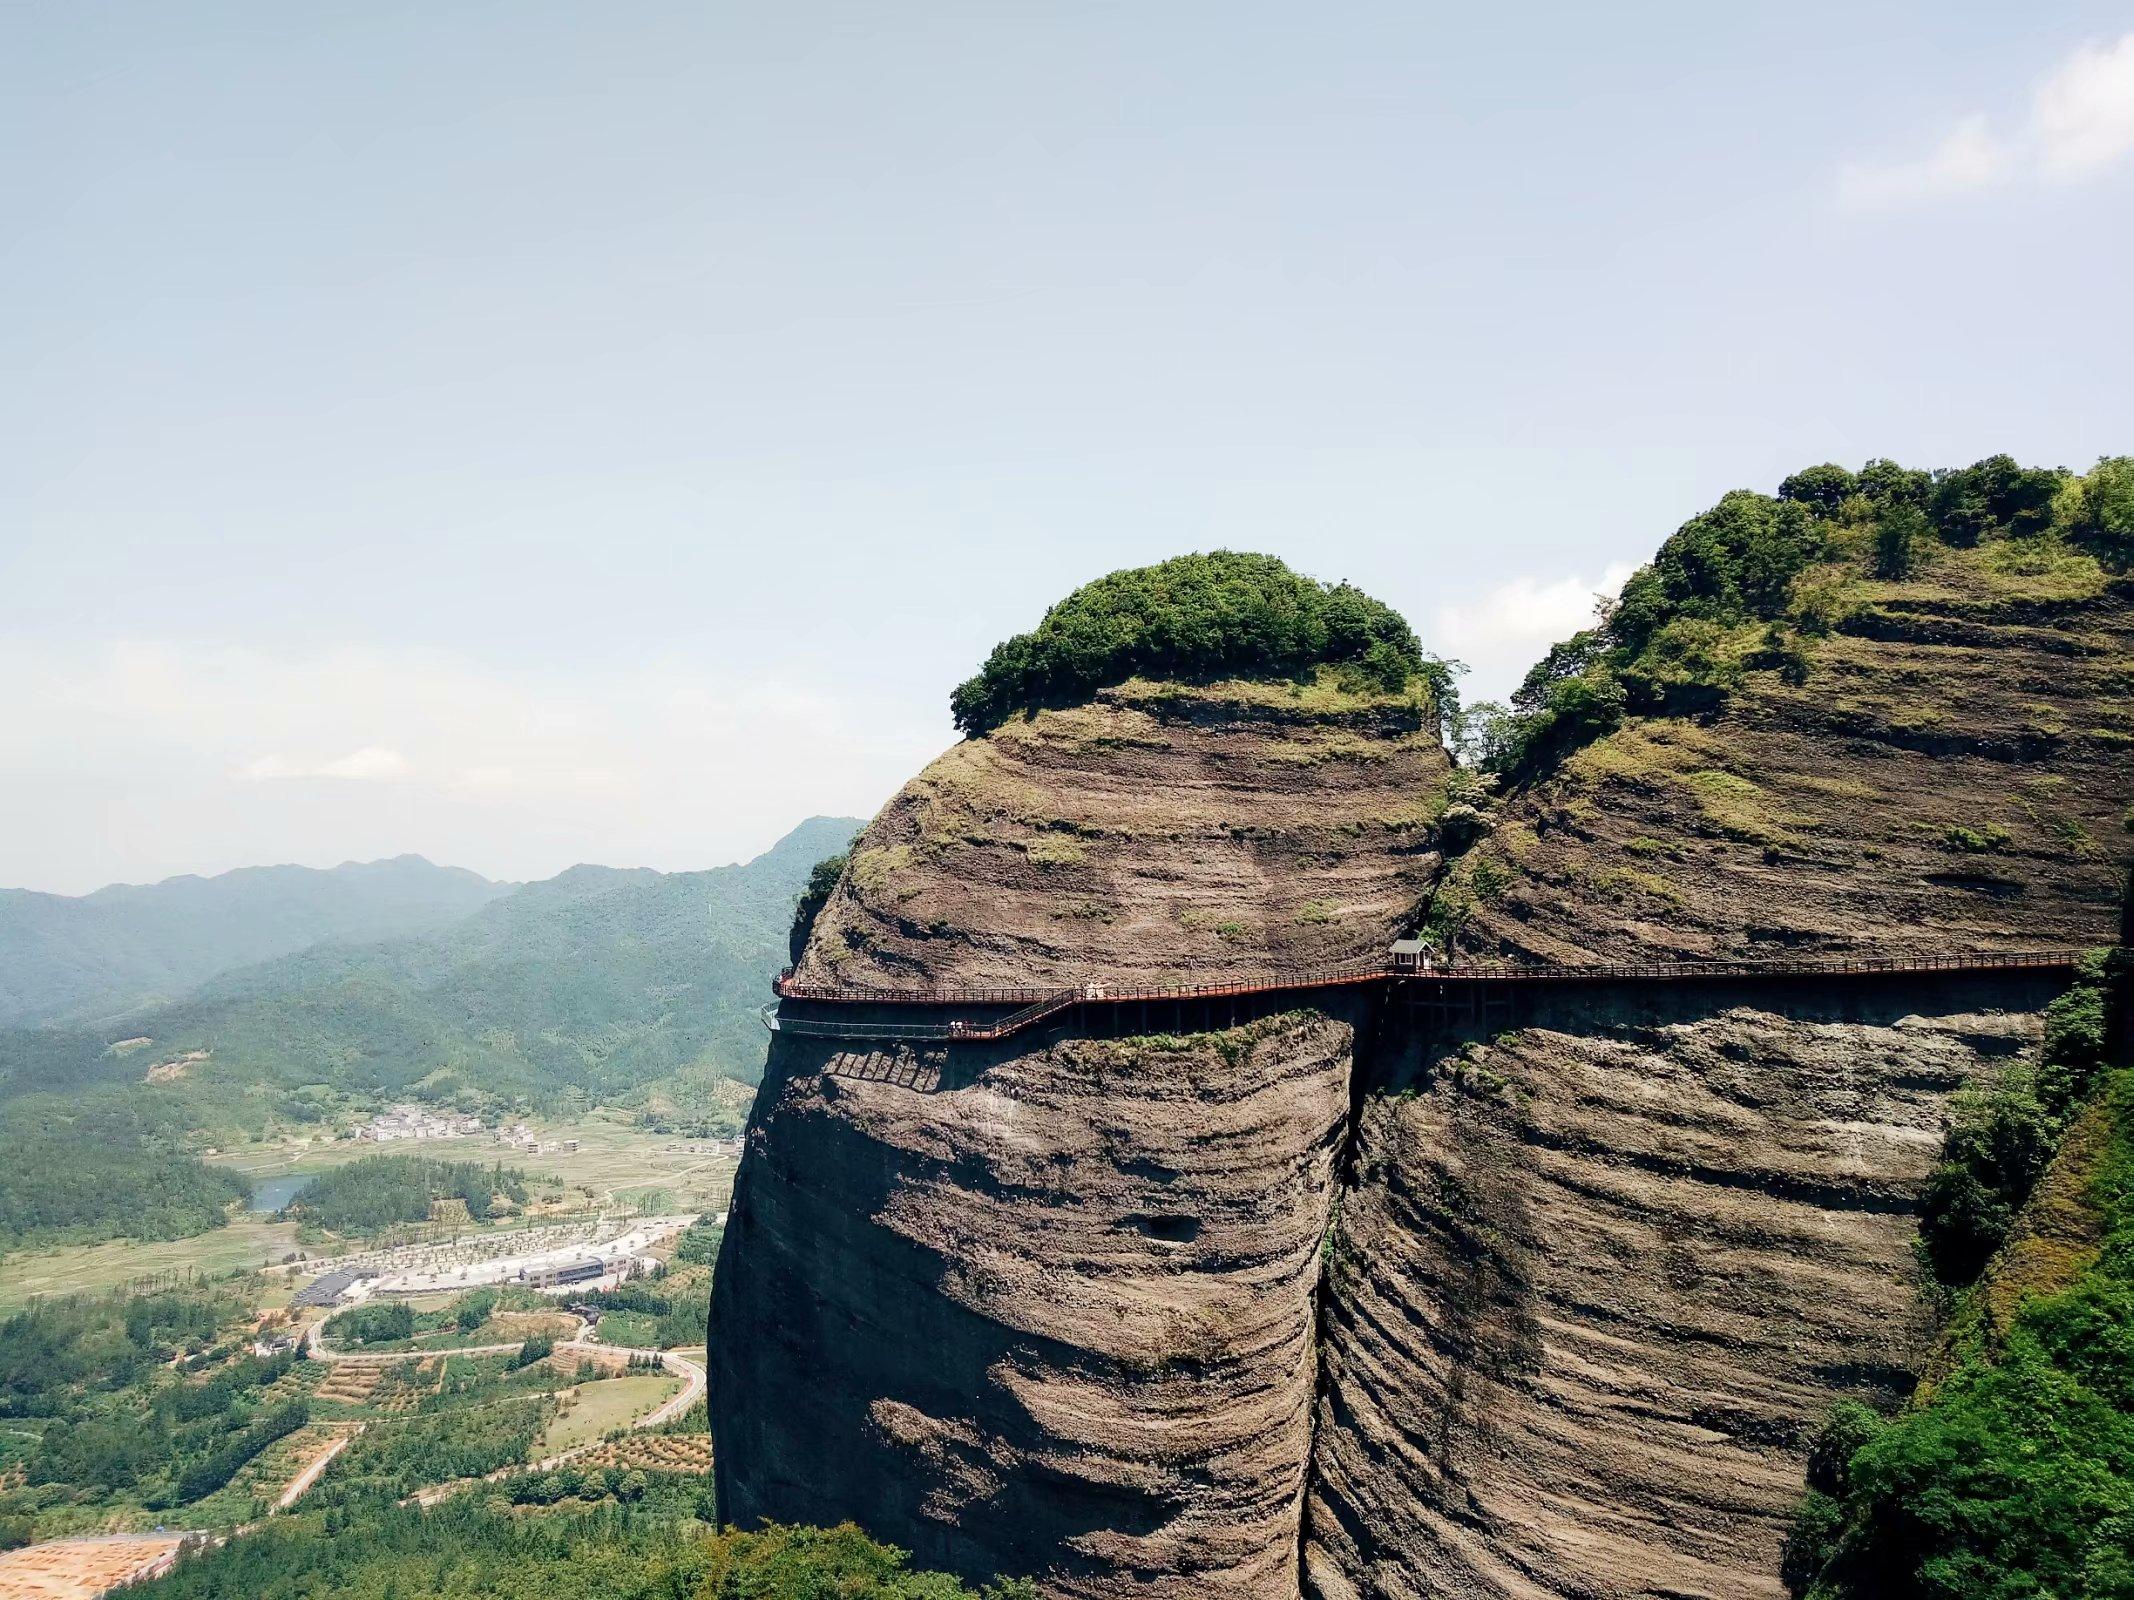 跟武当山同名,没索道没挑夫,体力太差的人爬上去下不来